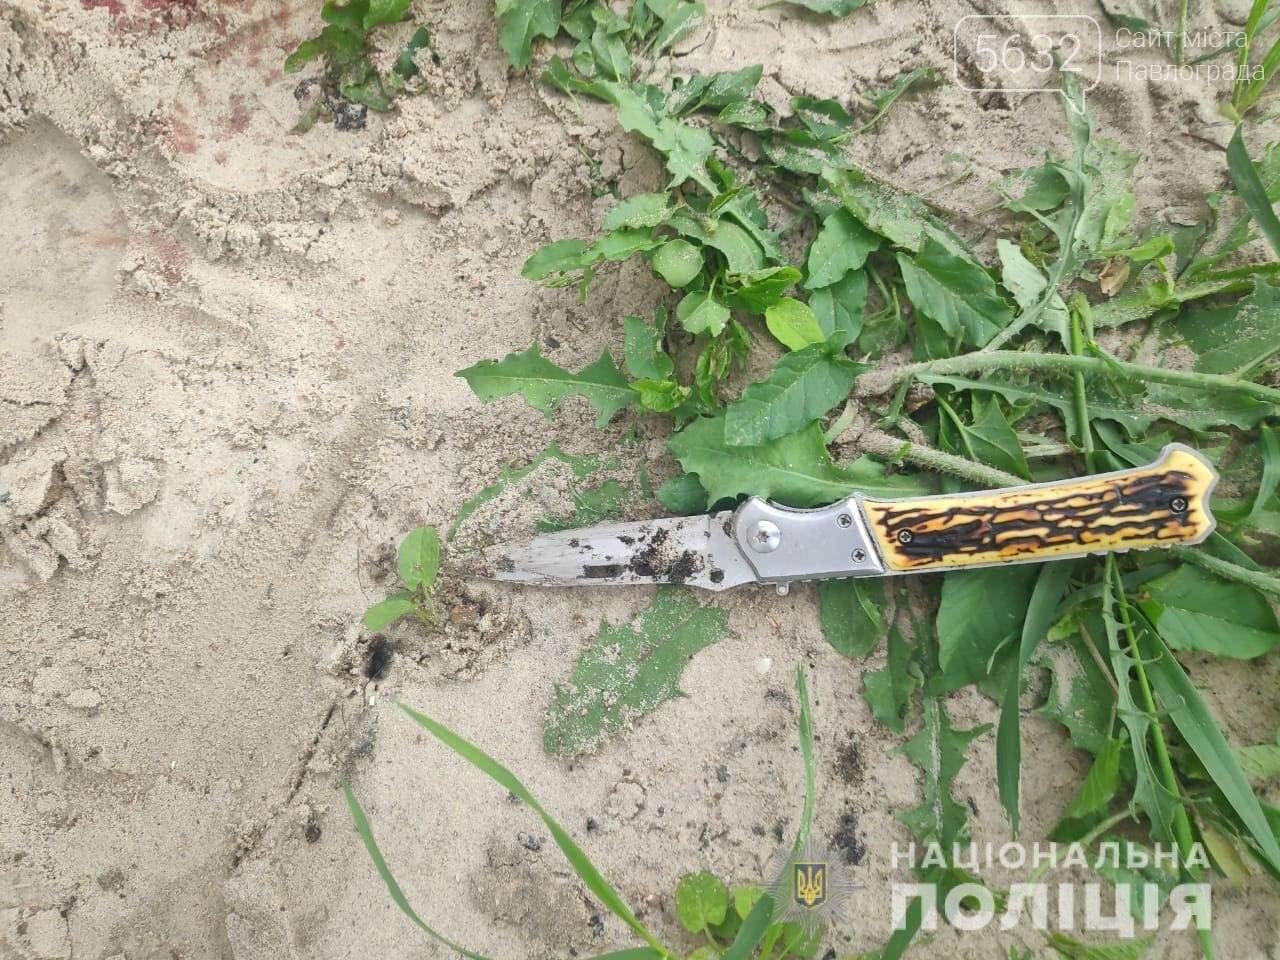 В Павлограде во время уличной драки мужчину ранили ножом в грудь, фото-2